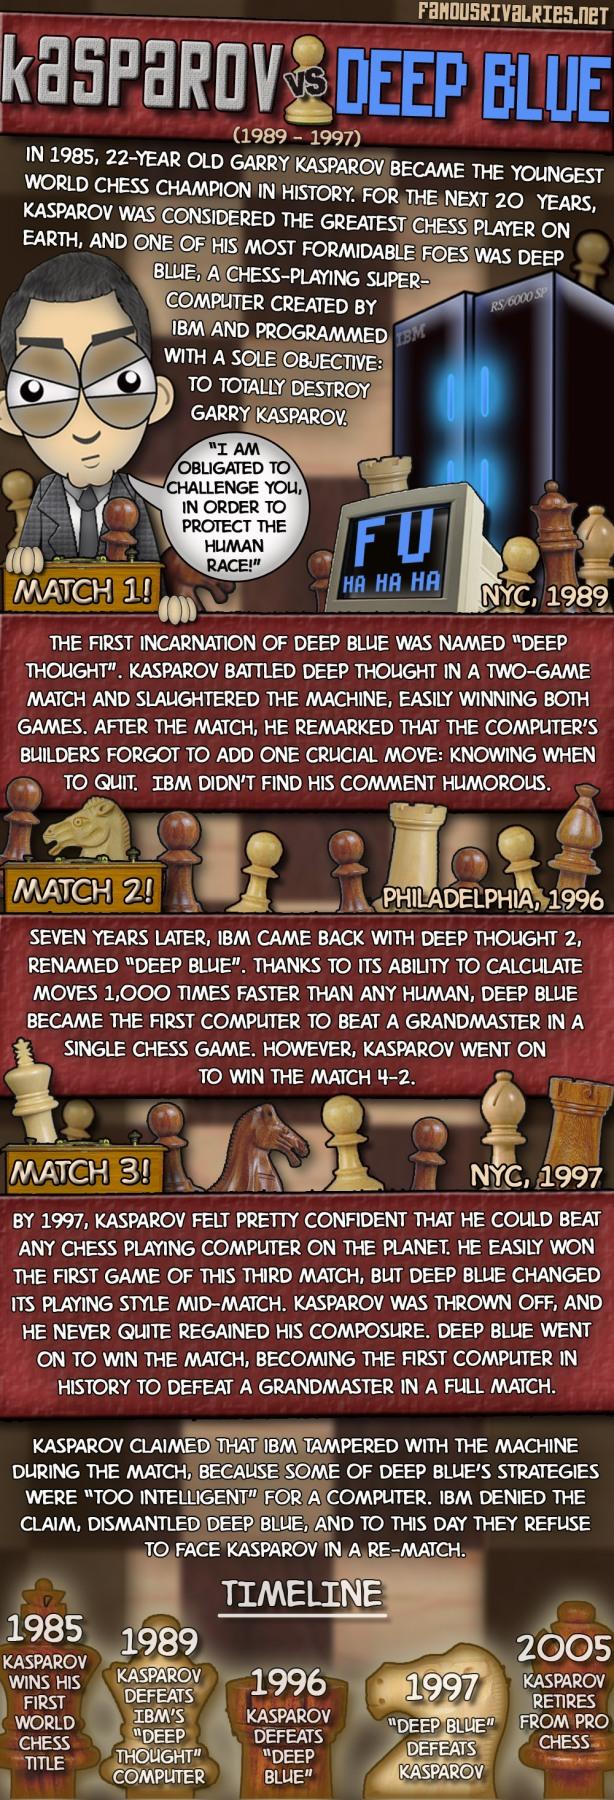 Kasparov vs. Deep Blue